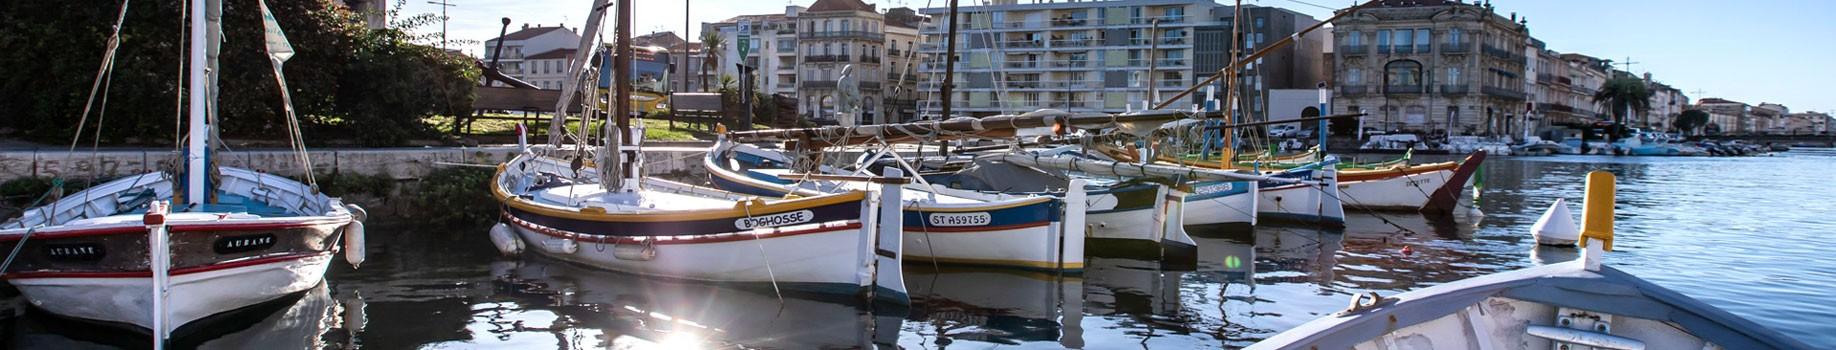 Barques et canaux de Sète